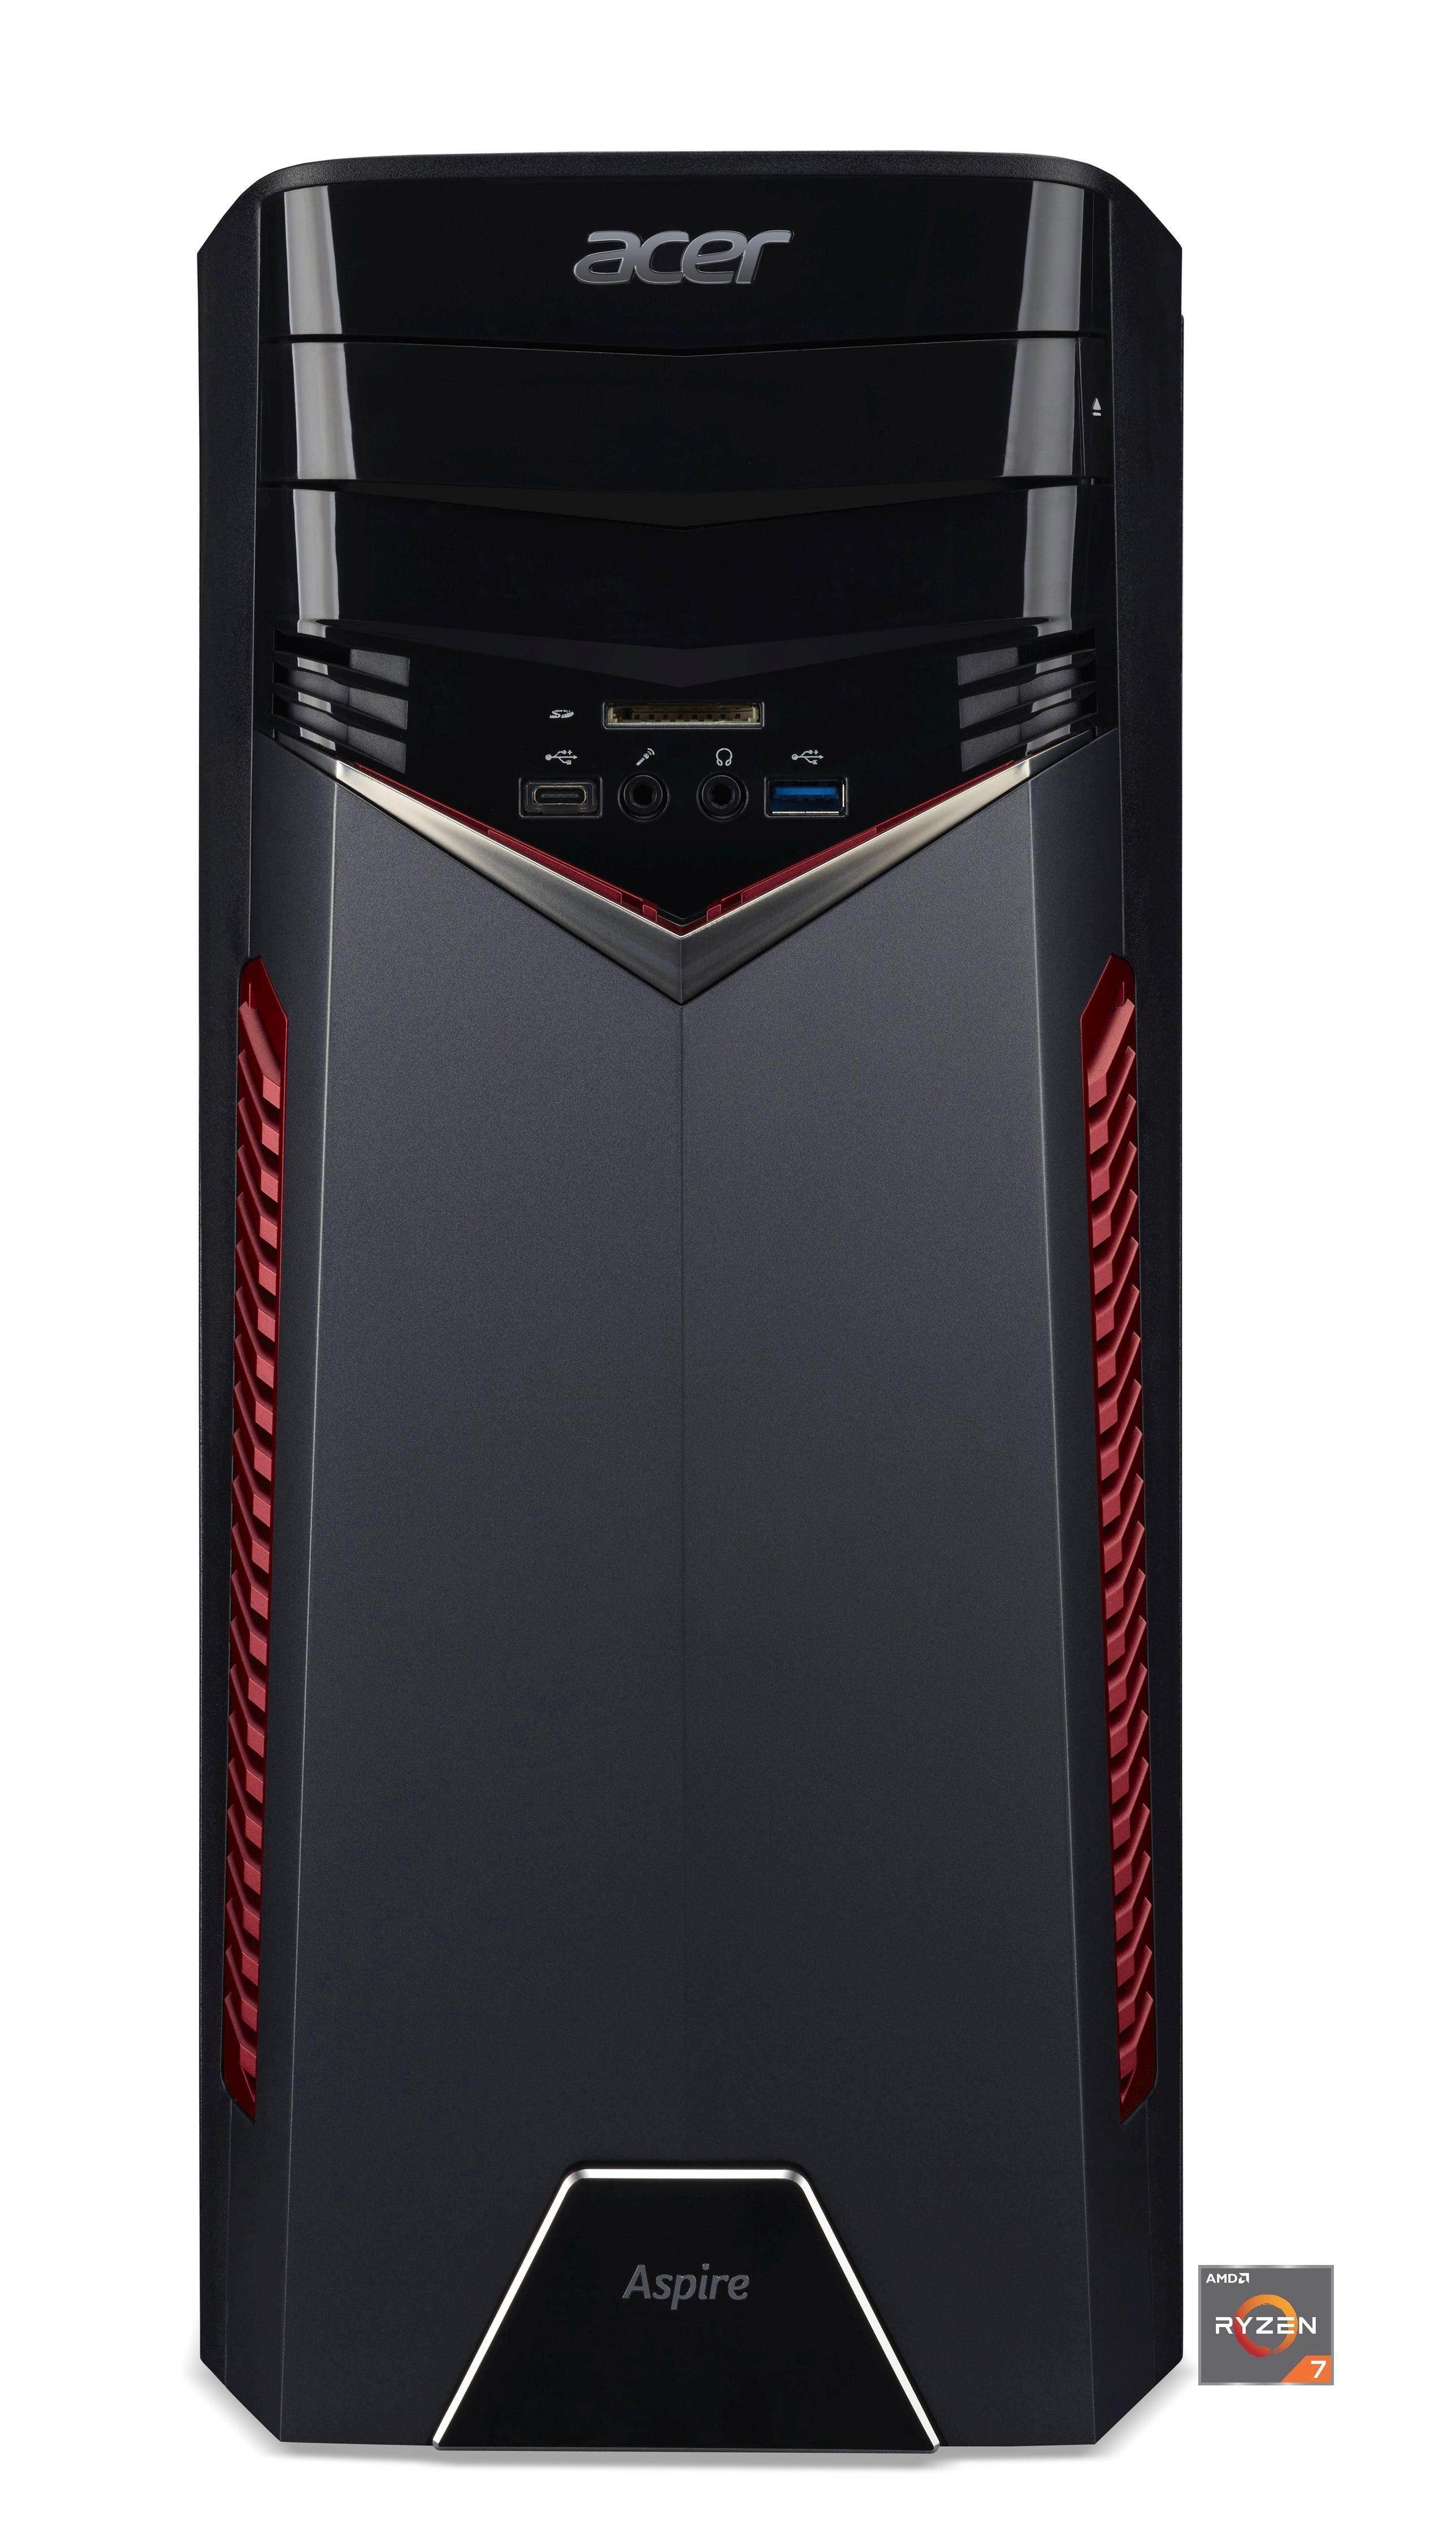 ACER Aspire GX-281 Desktop PC »AMD Ryzen 7, RX 480, 1 TB HDD, 8 GB«